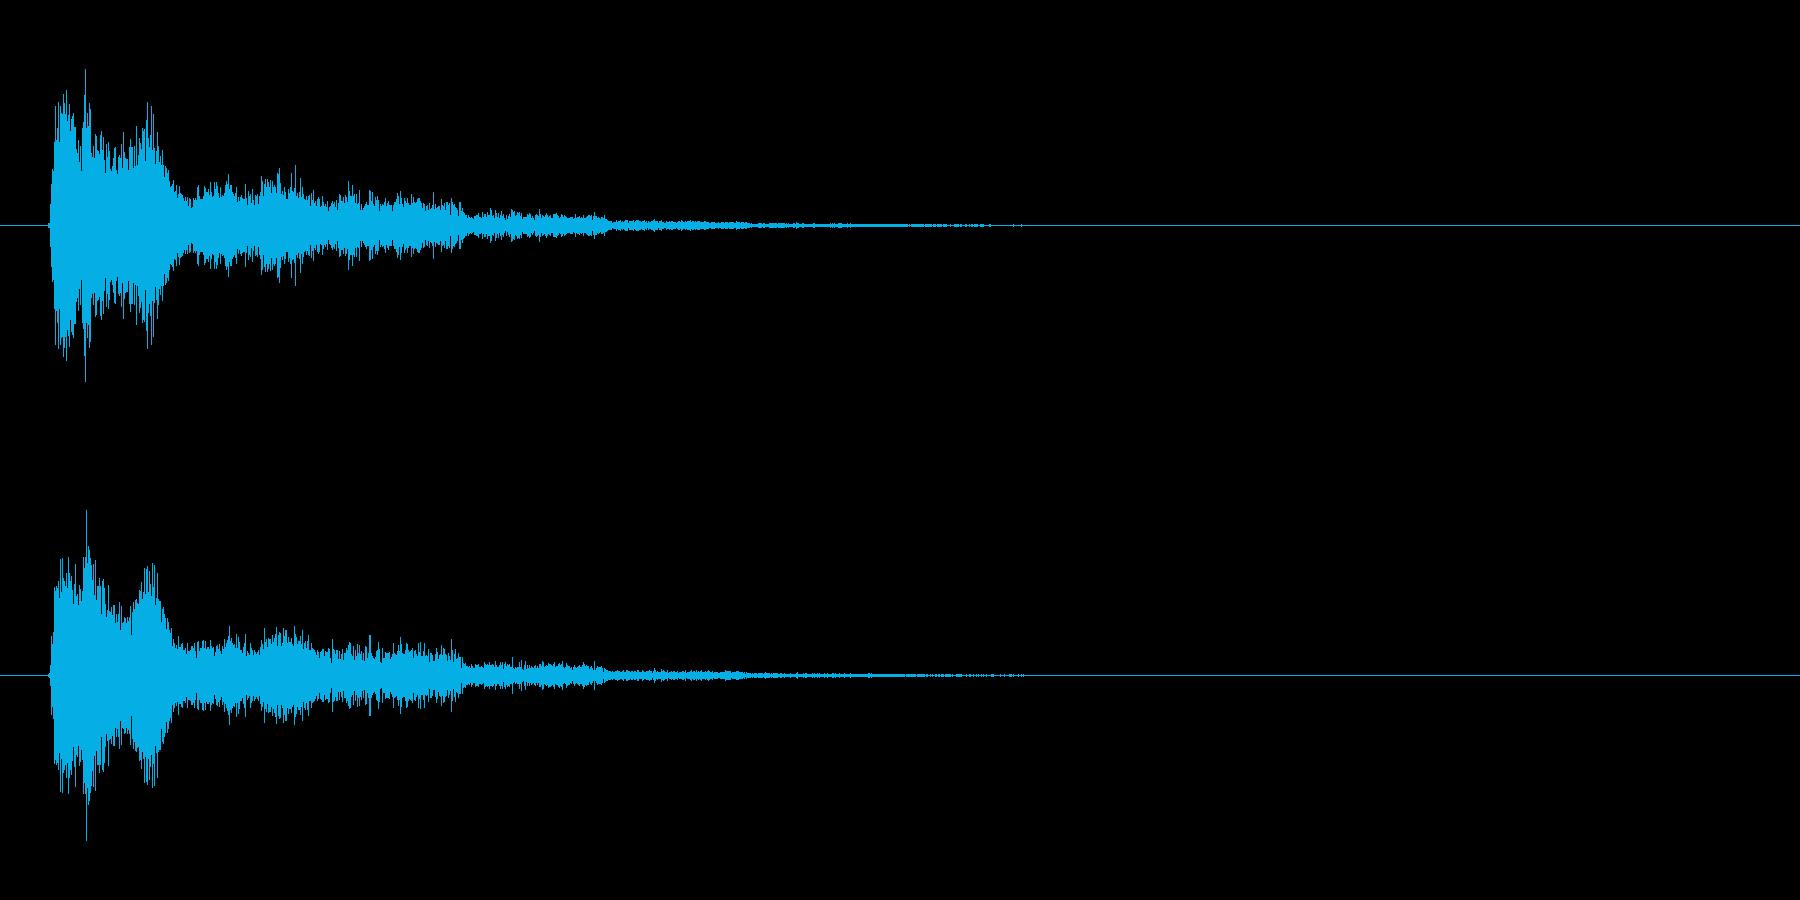 エネルギー砲、ビーム系【ズッシューン】の再生済みの波形